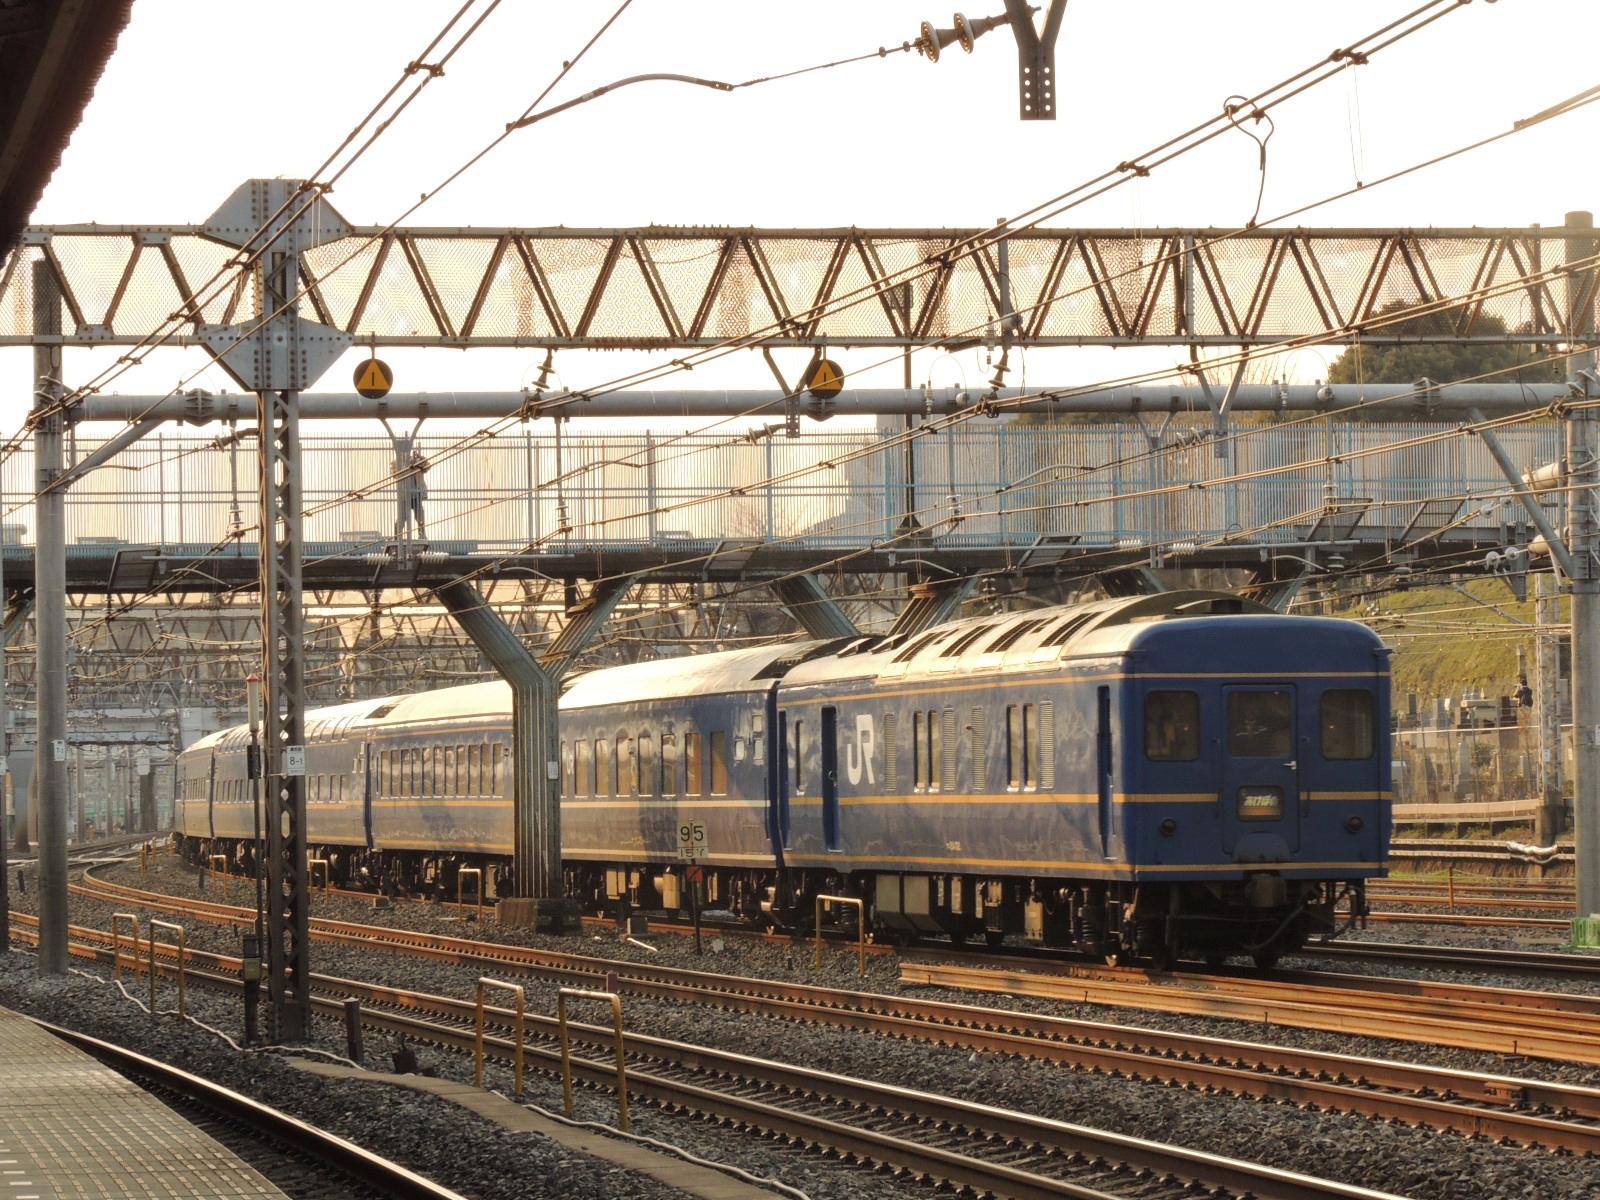 DSCN7000.jpg